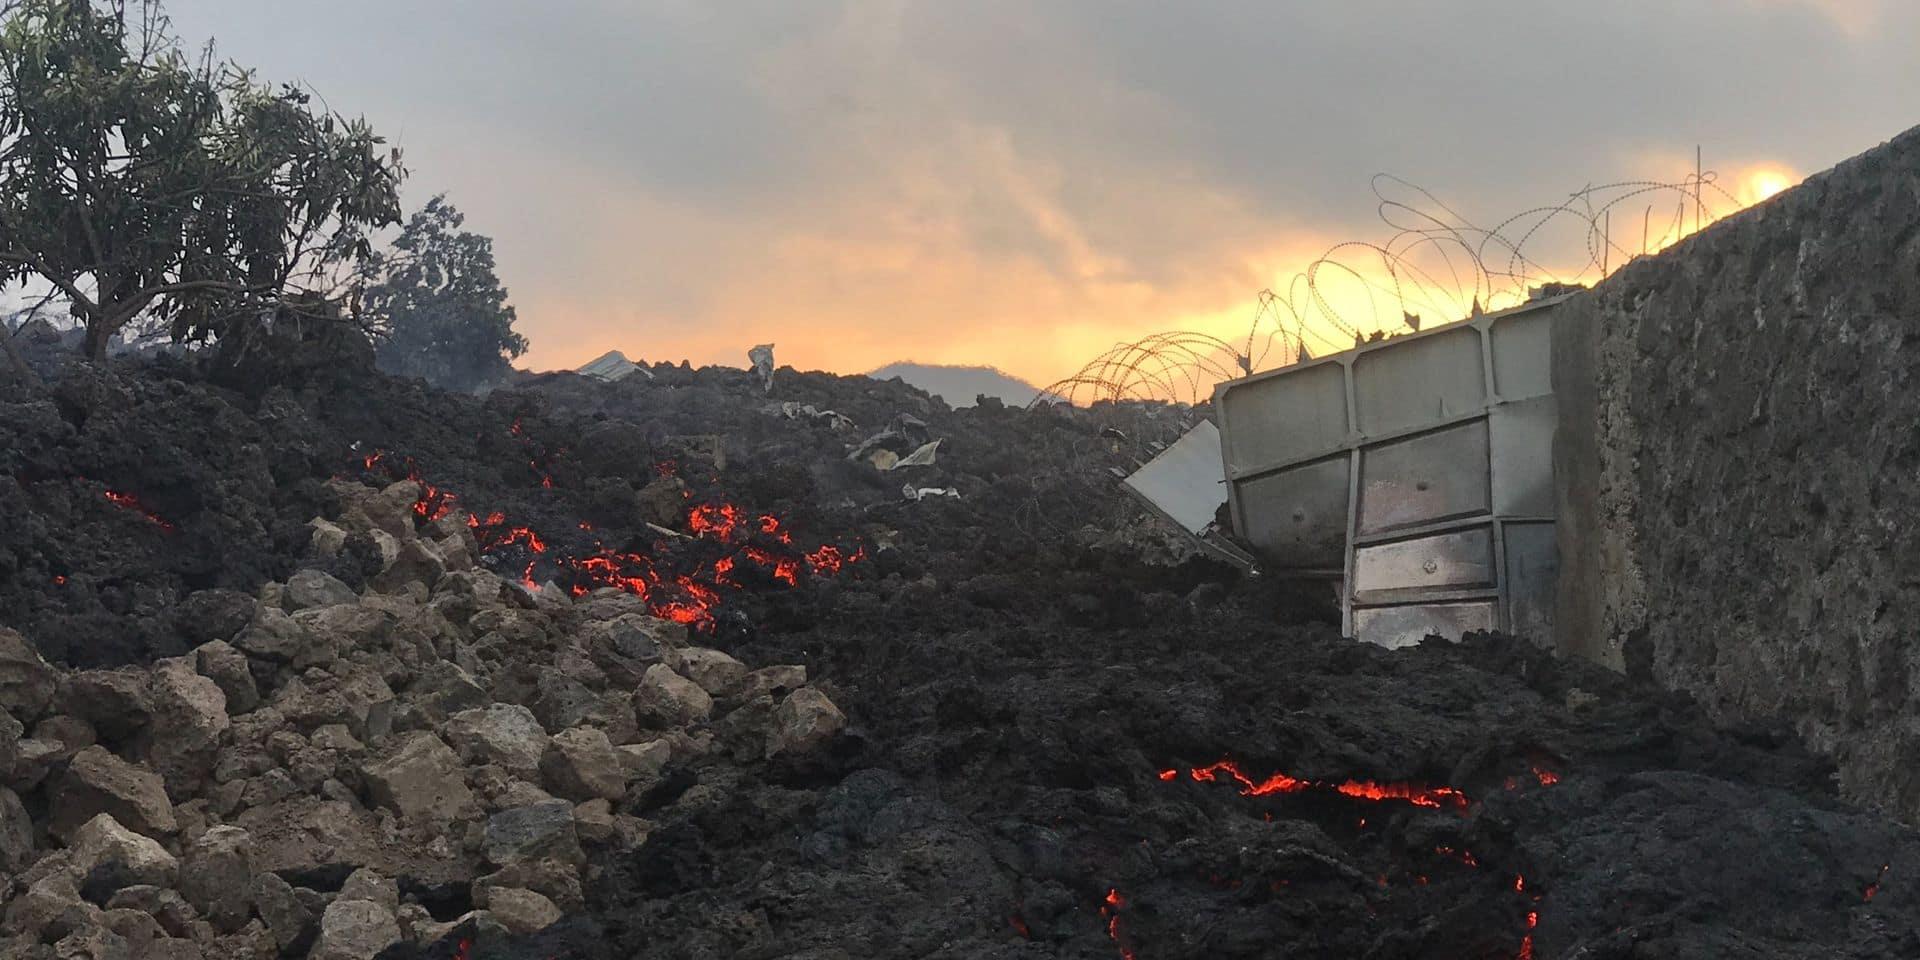 La lave du volcan Nyiragongo s'immobilise aux portes de Goma